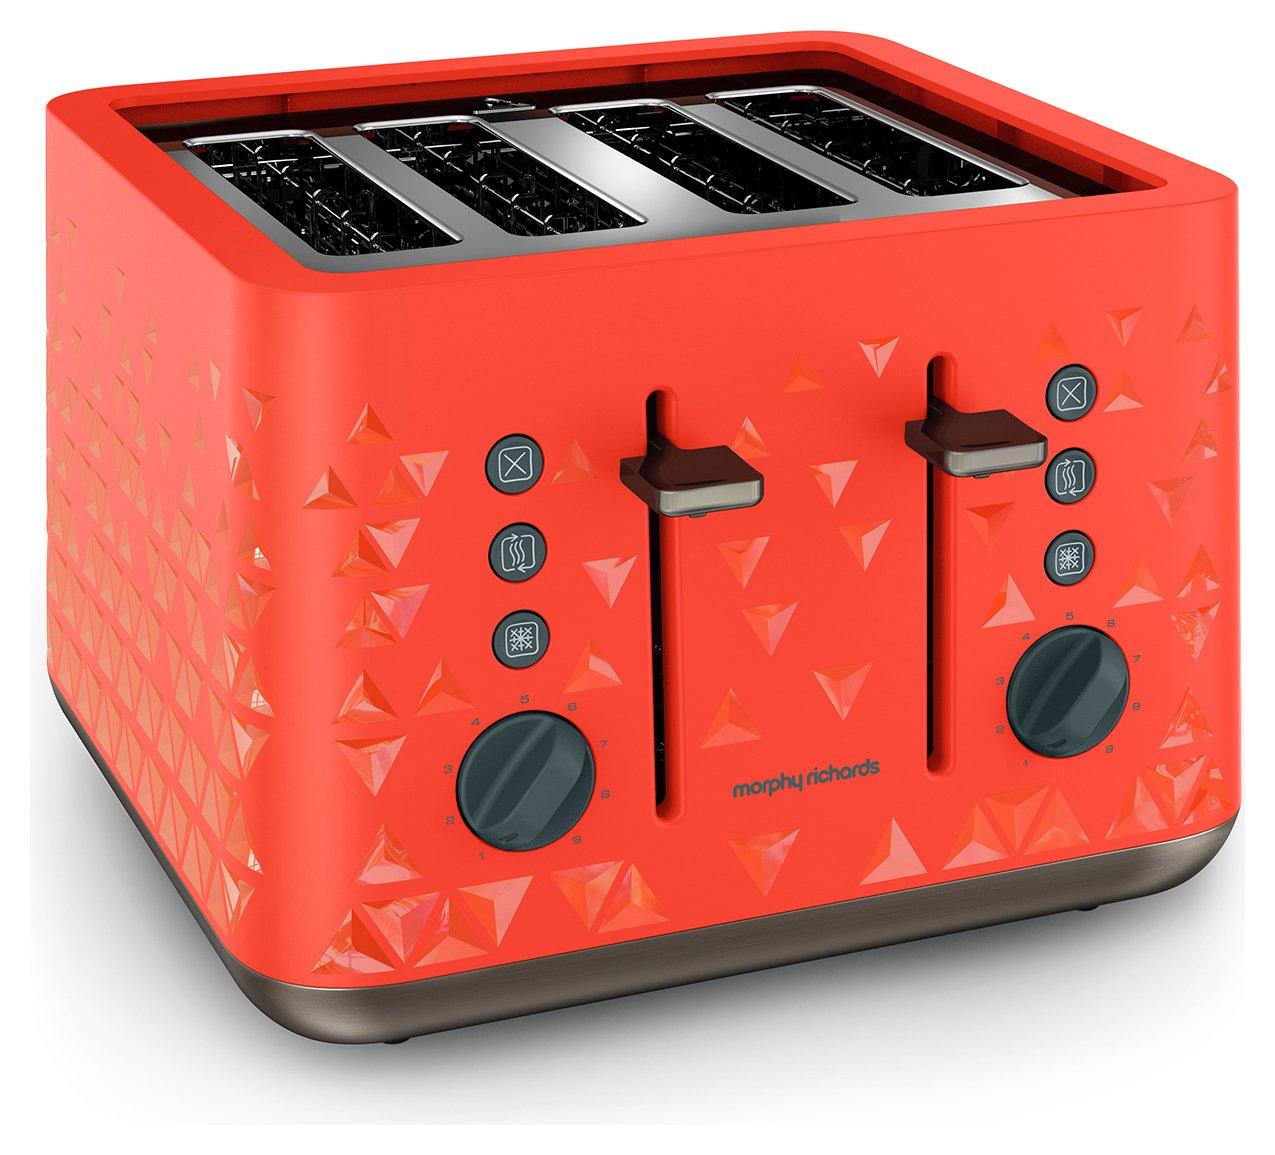 Morphy Richards Prism Toaster - Orange.